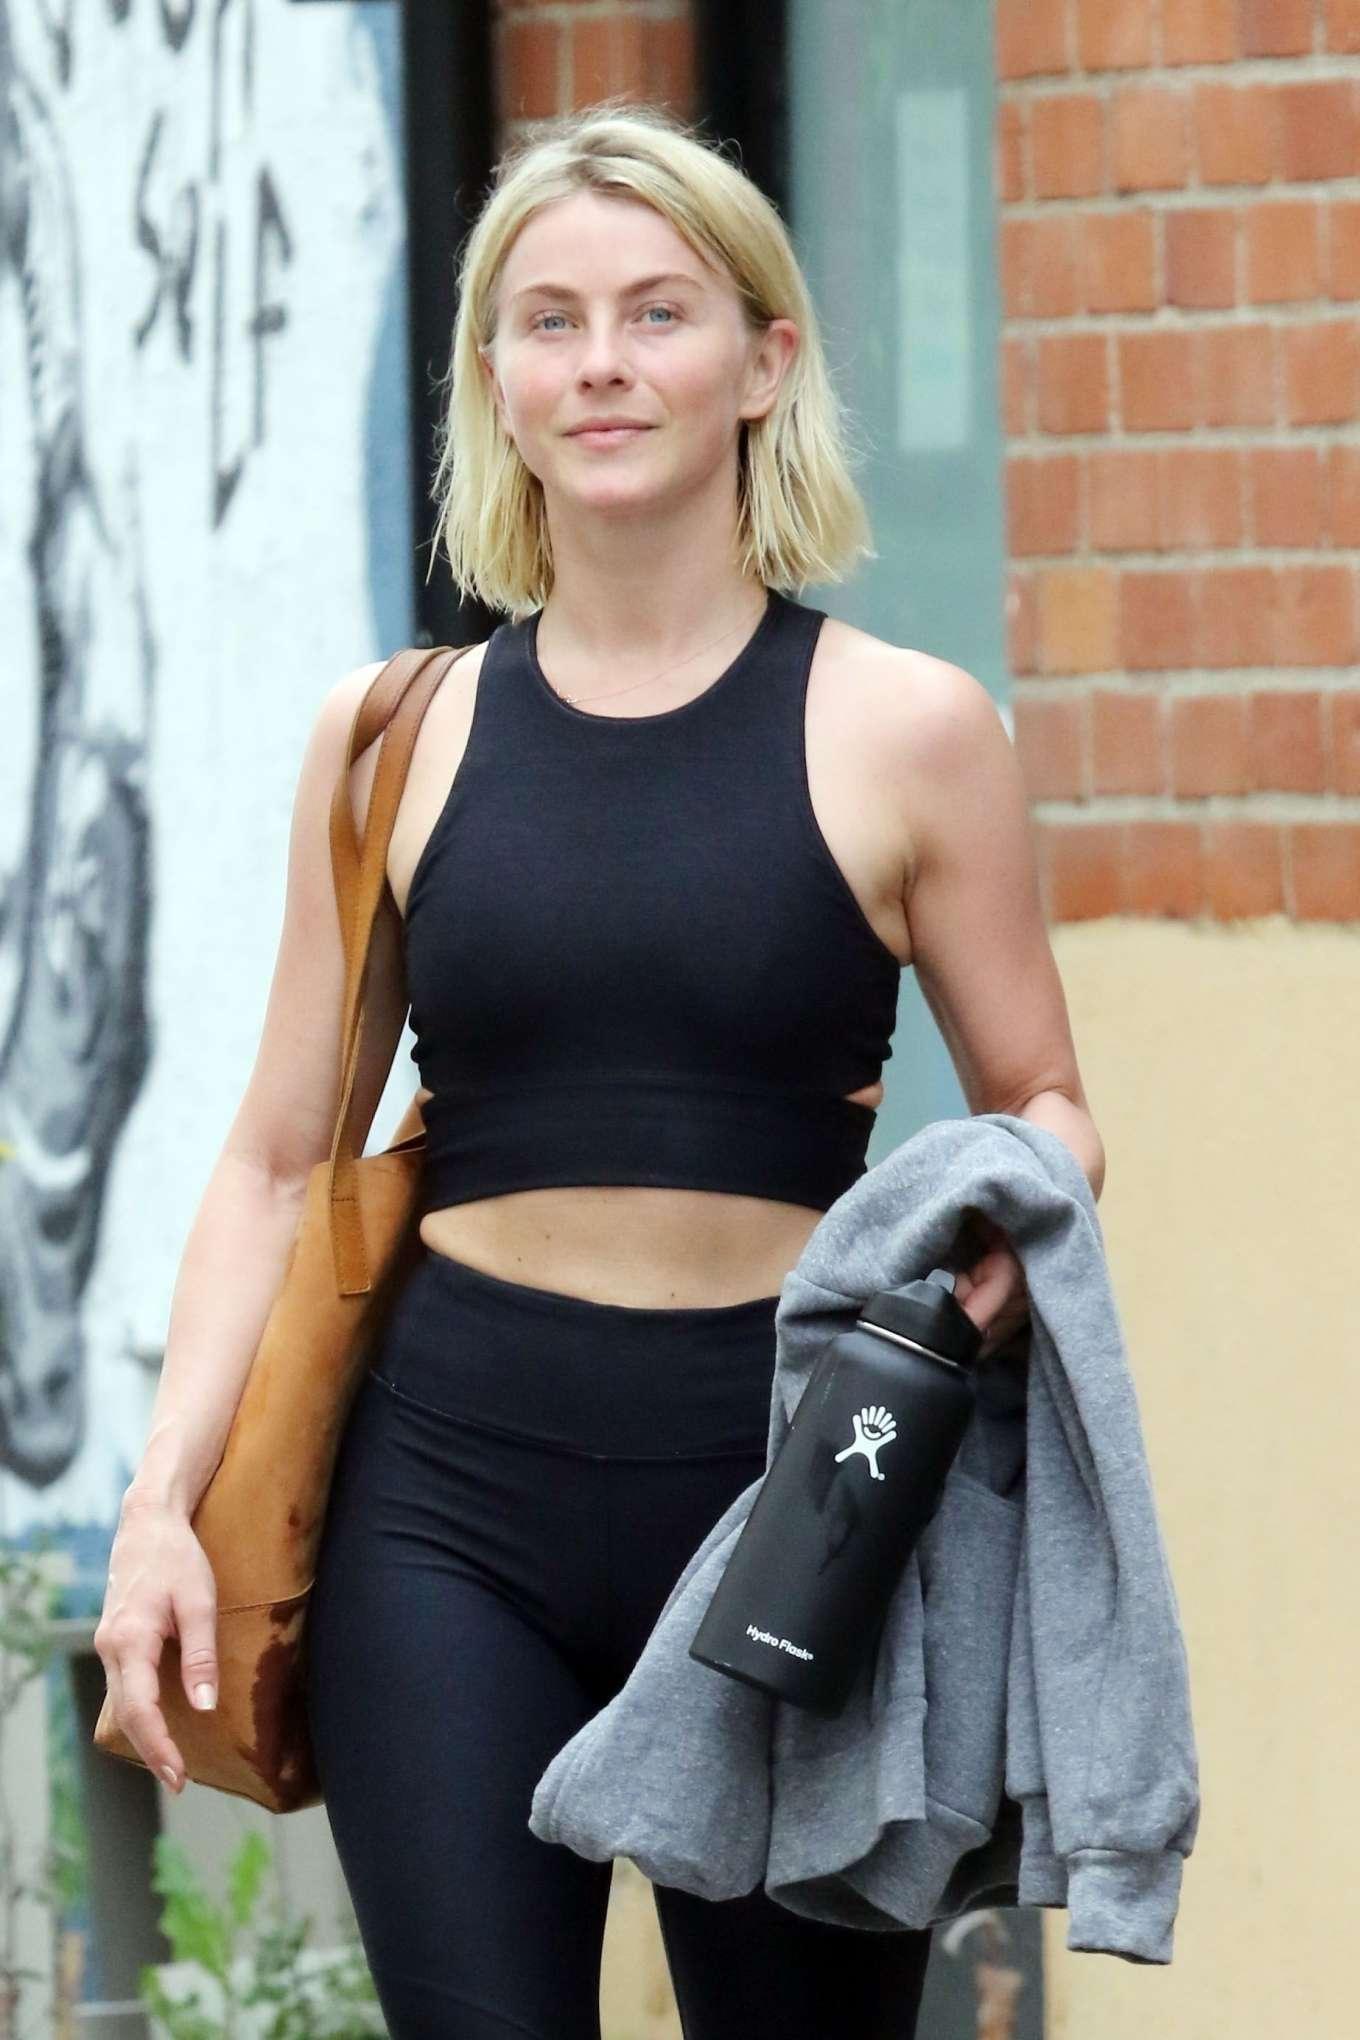 Julianne Hough 2019 : Julianne Hough: Leaving the gym in LA -03